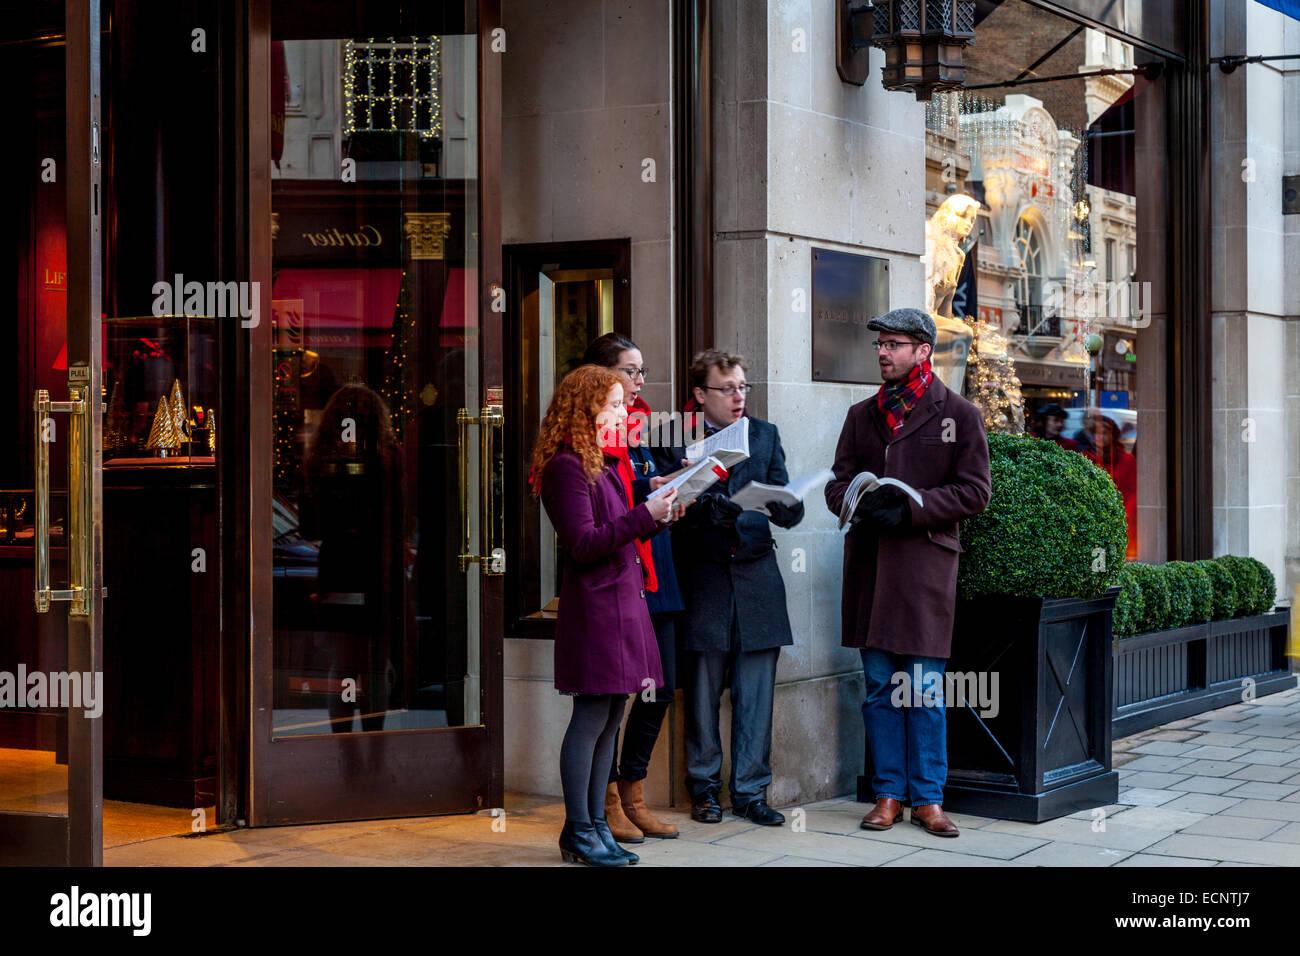 Carol cantantes se realizan fuera de la tienda de Ralph Lauren en New Bond  Street, Londres, Inglaterra 8ea8d554f38